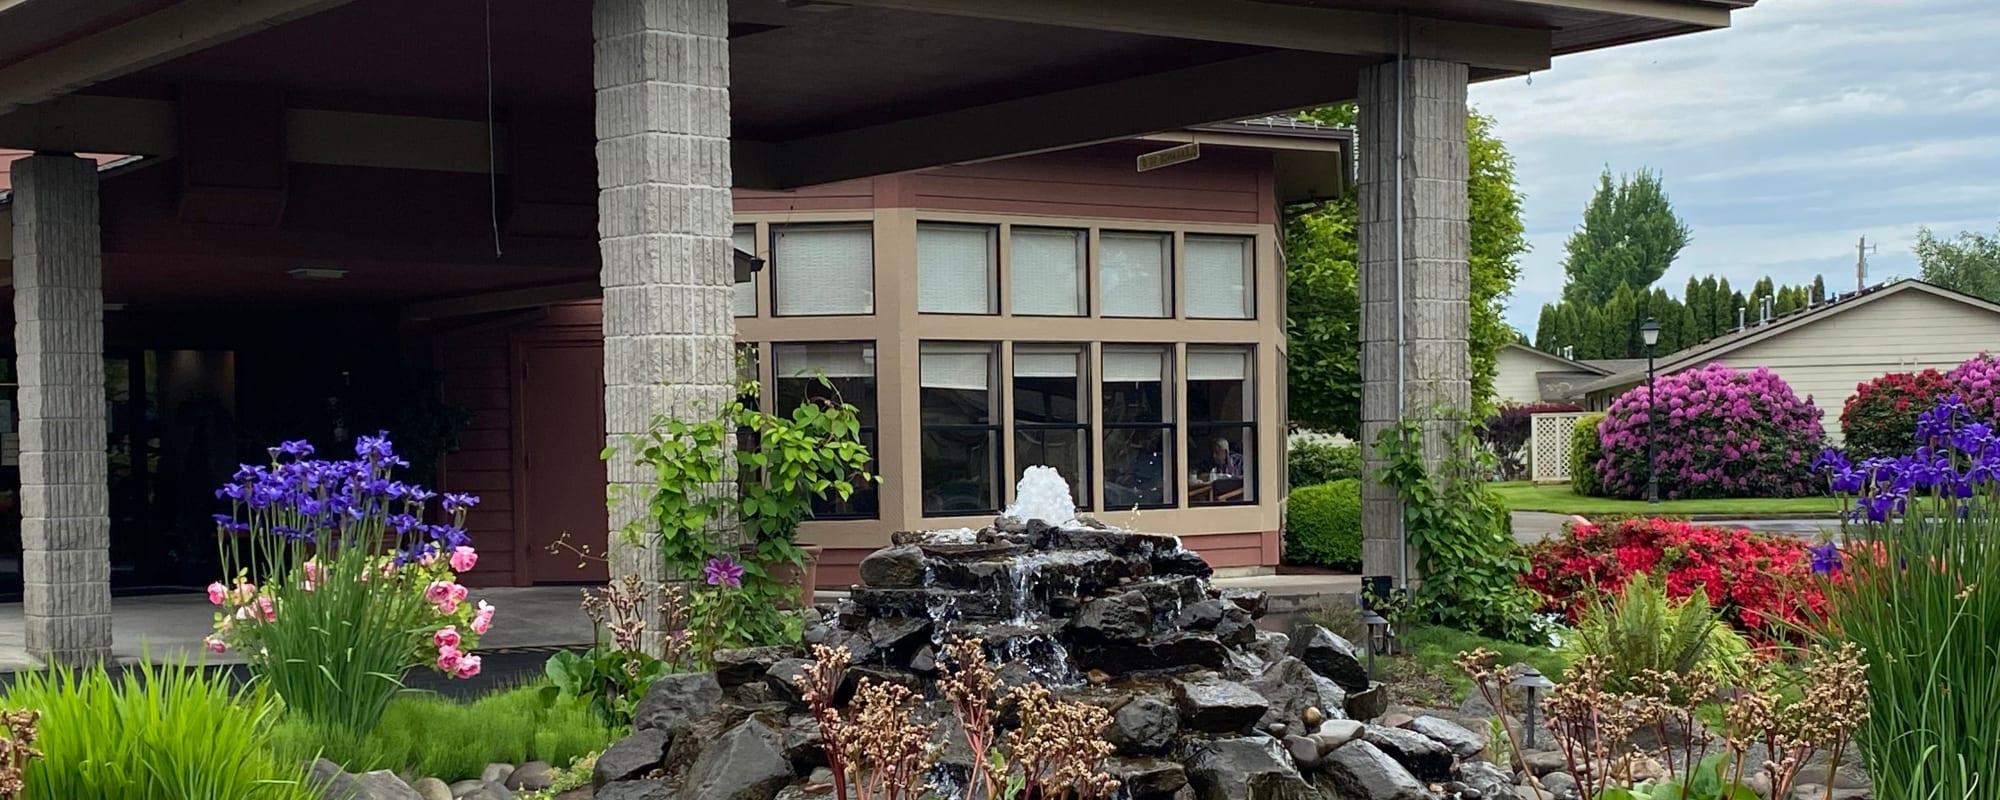 Senior living at The Springs at Lancaster Village in Salem, Oregon